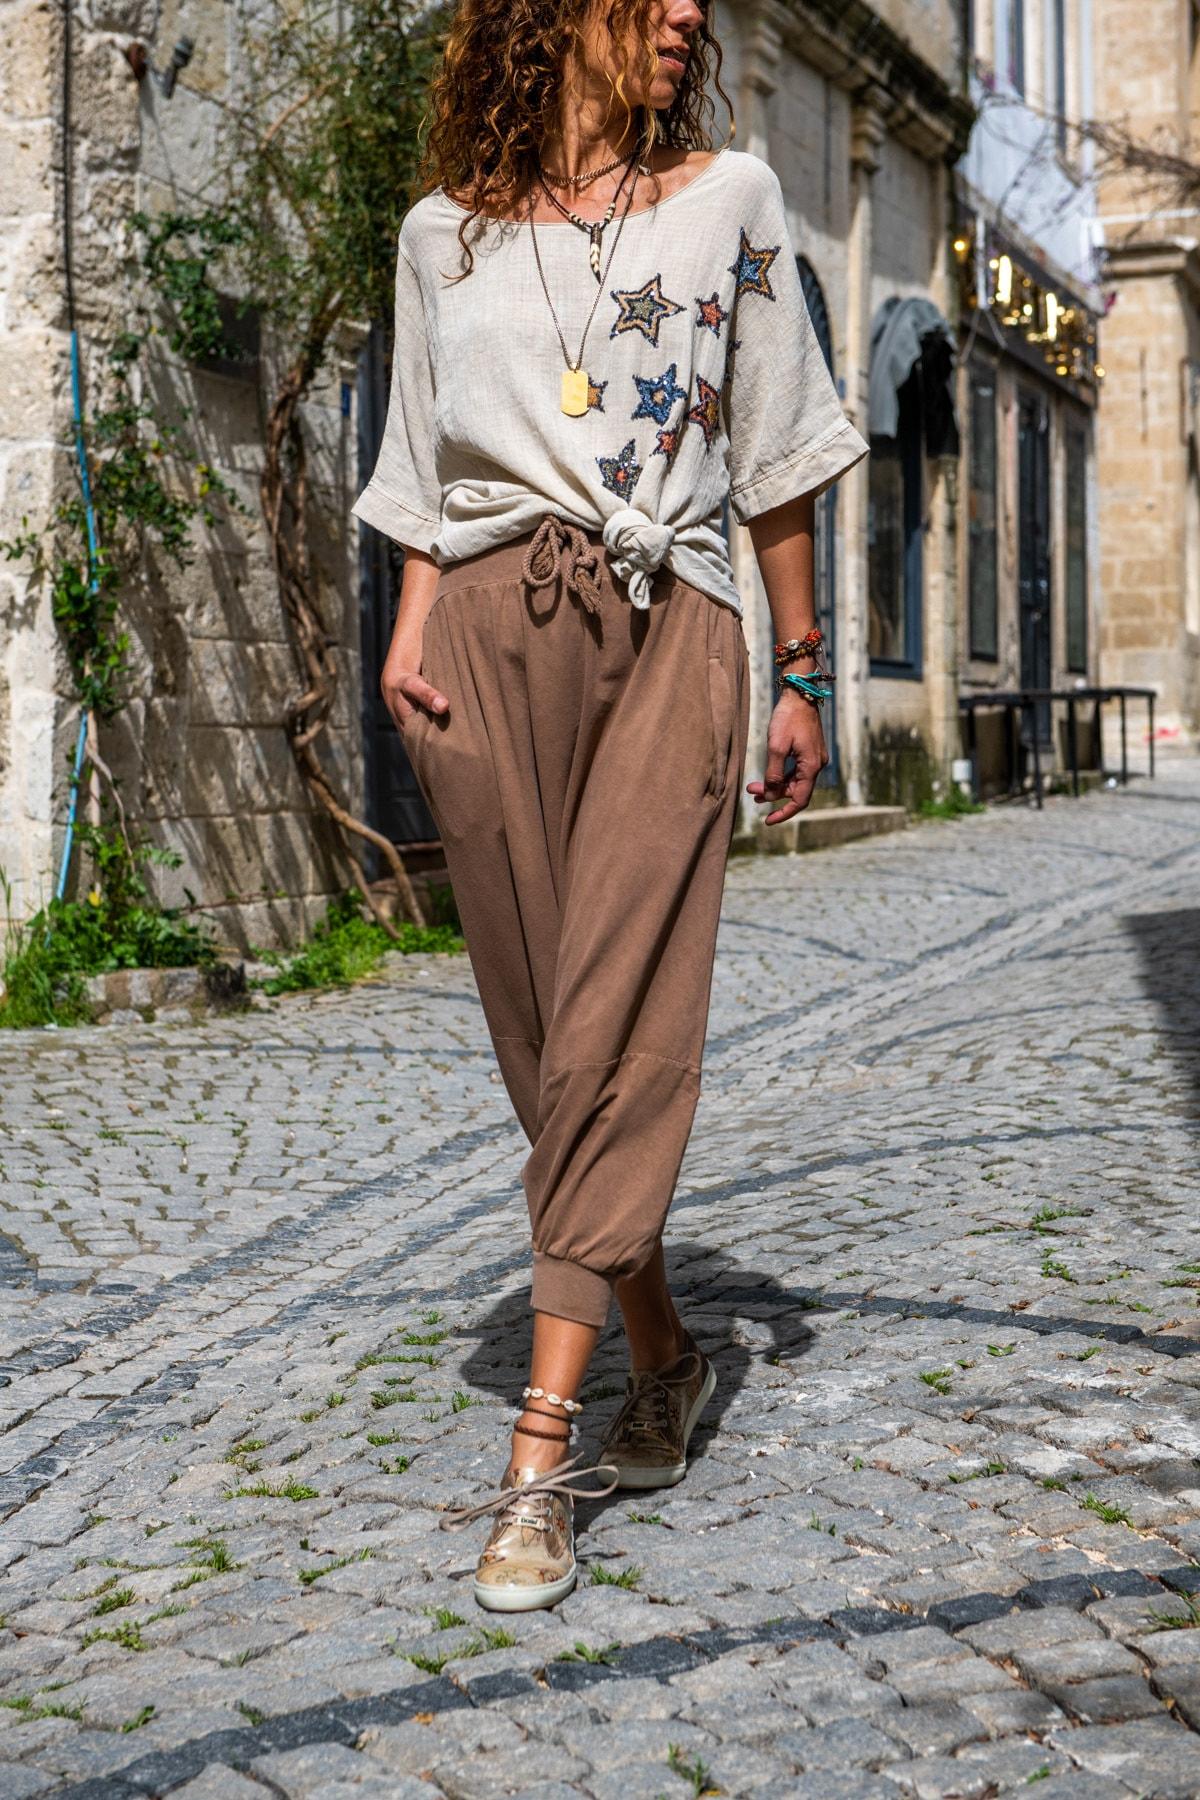 Güneşkızı Kadın Bakır Yüksek Bel Cepli Beli Lastikli Şalvar Pantolon GK-RSD2004 1